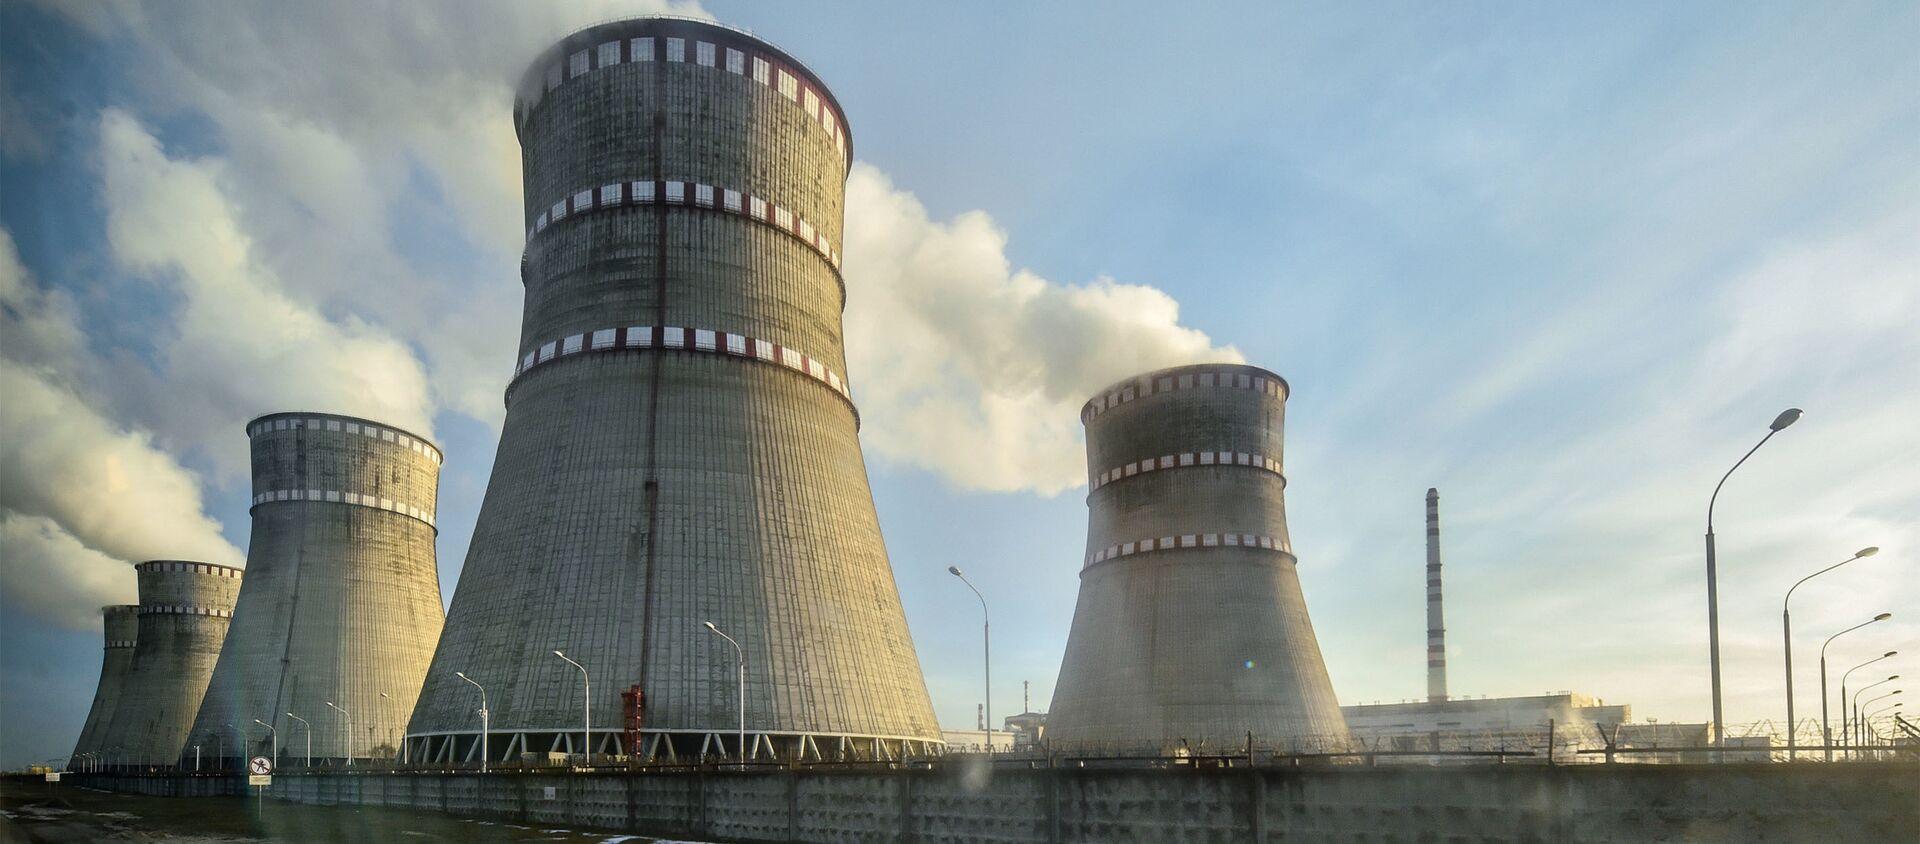 Ровенская АЭС, архивное фото - Sputnik Таджикистан, 1920, 01.11.2020